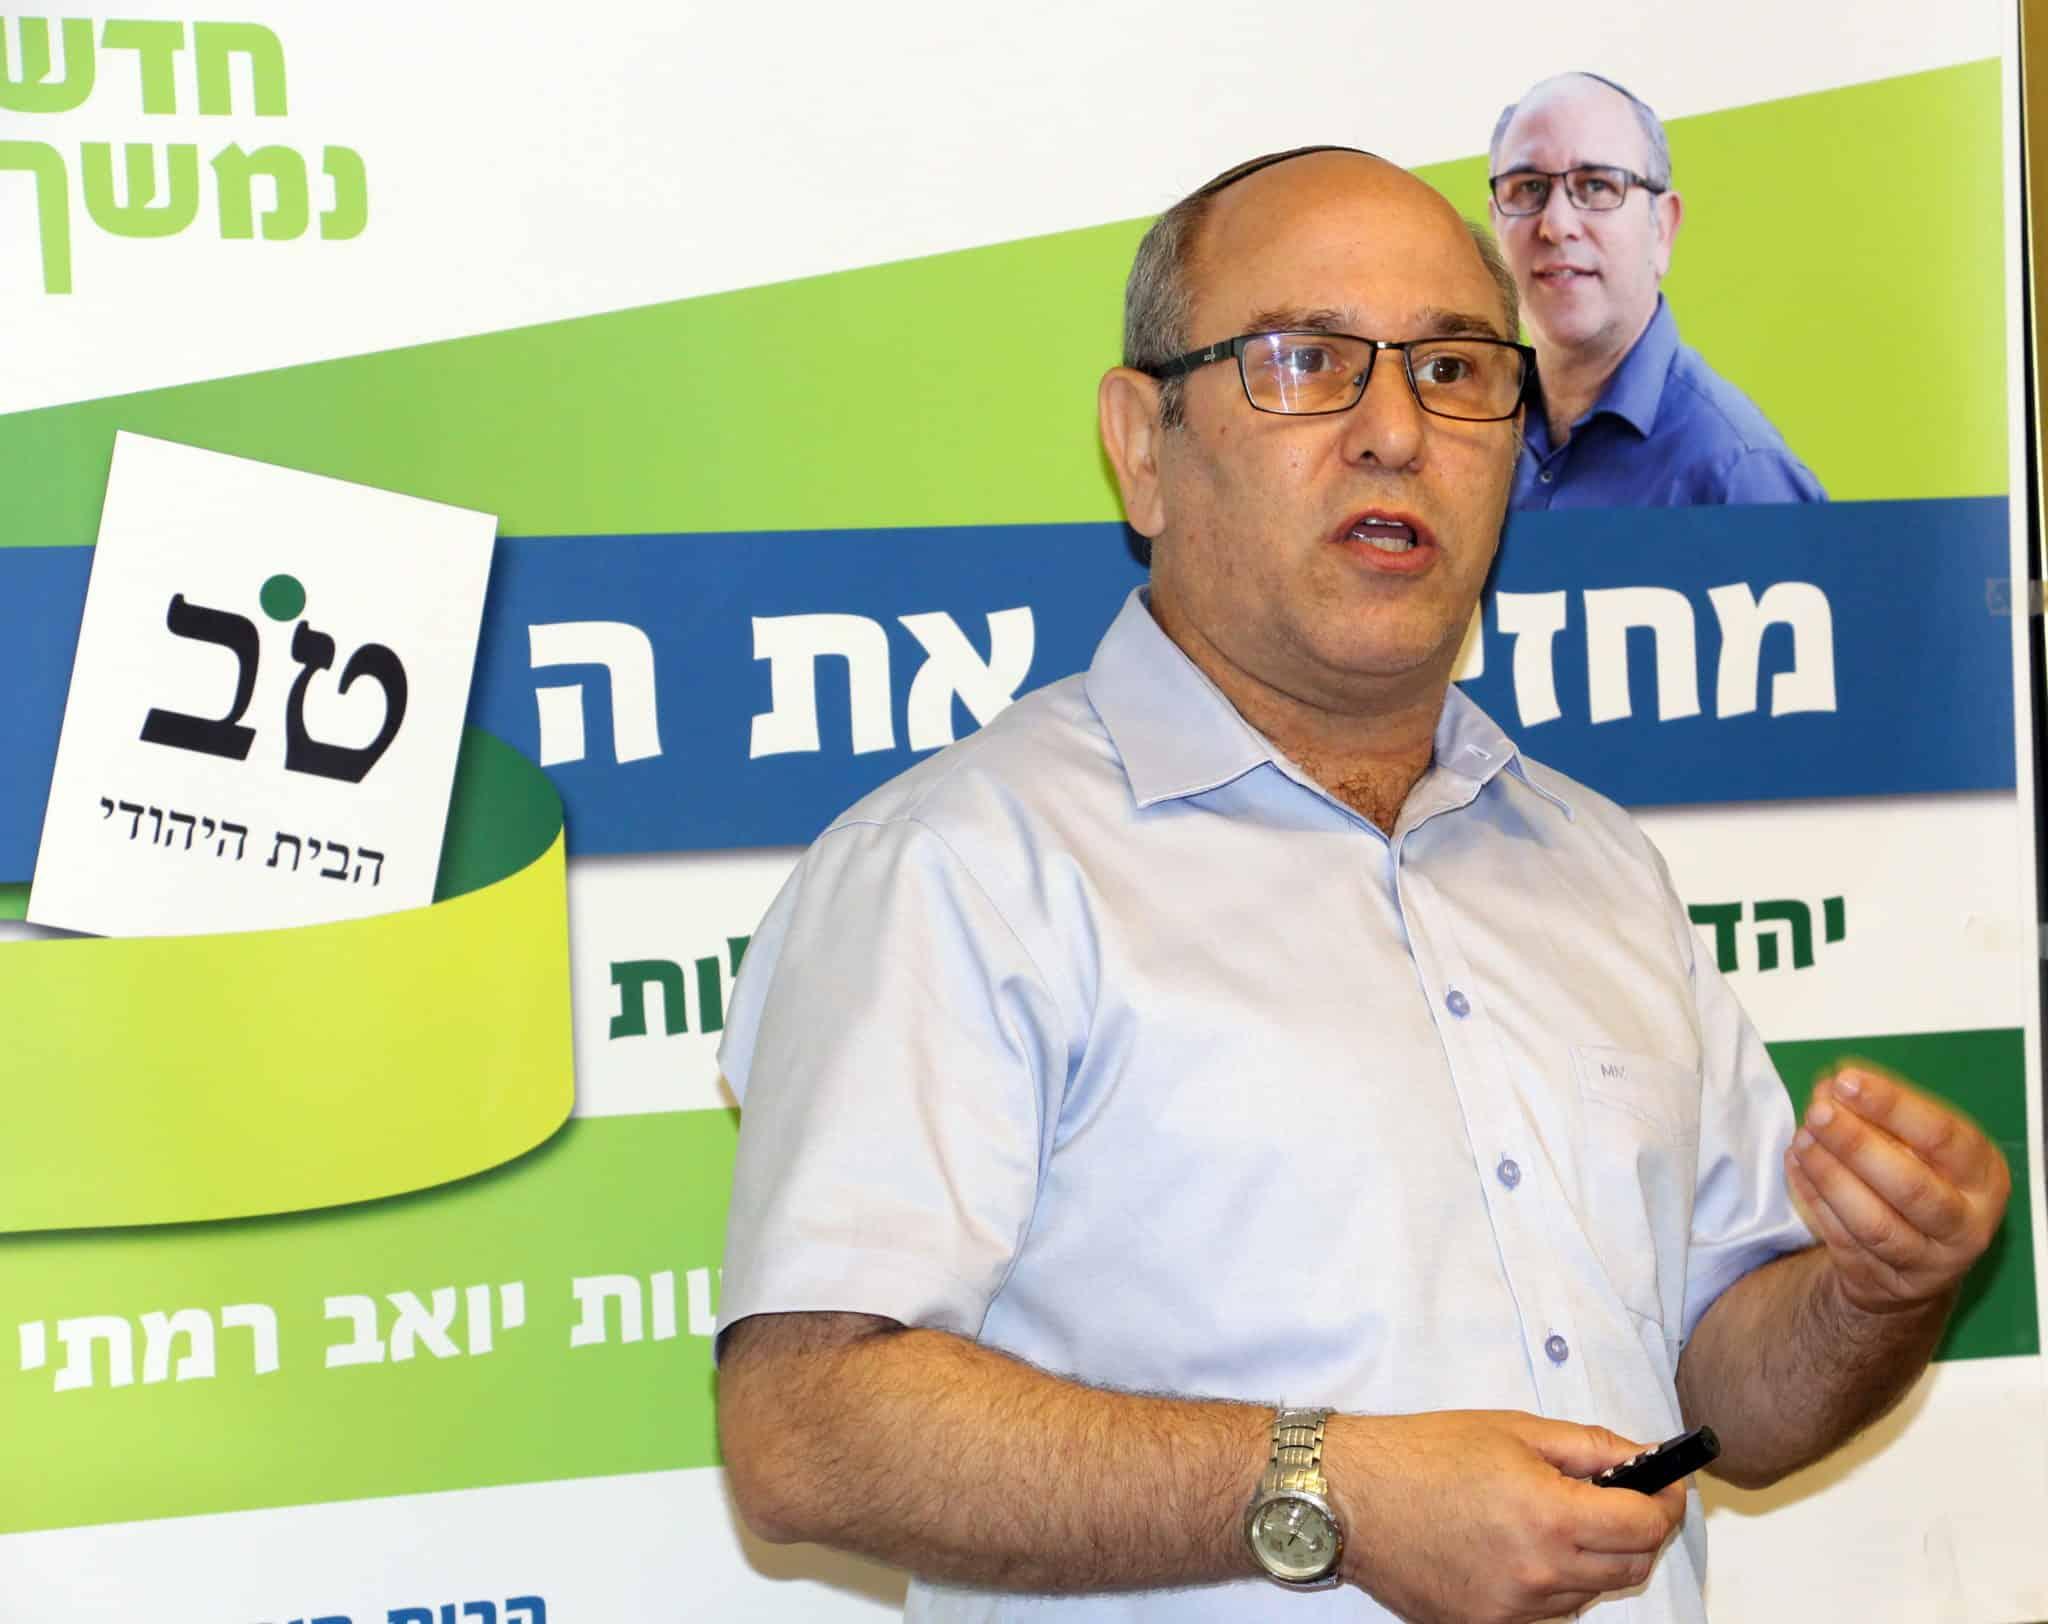 הבית היהודי חיפה: חוק עזר עירוני – דגל ישראל יוצב בכל מוסדות העירייה